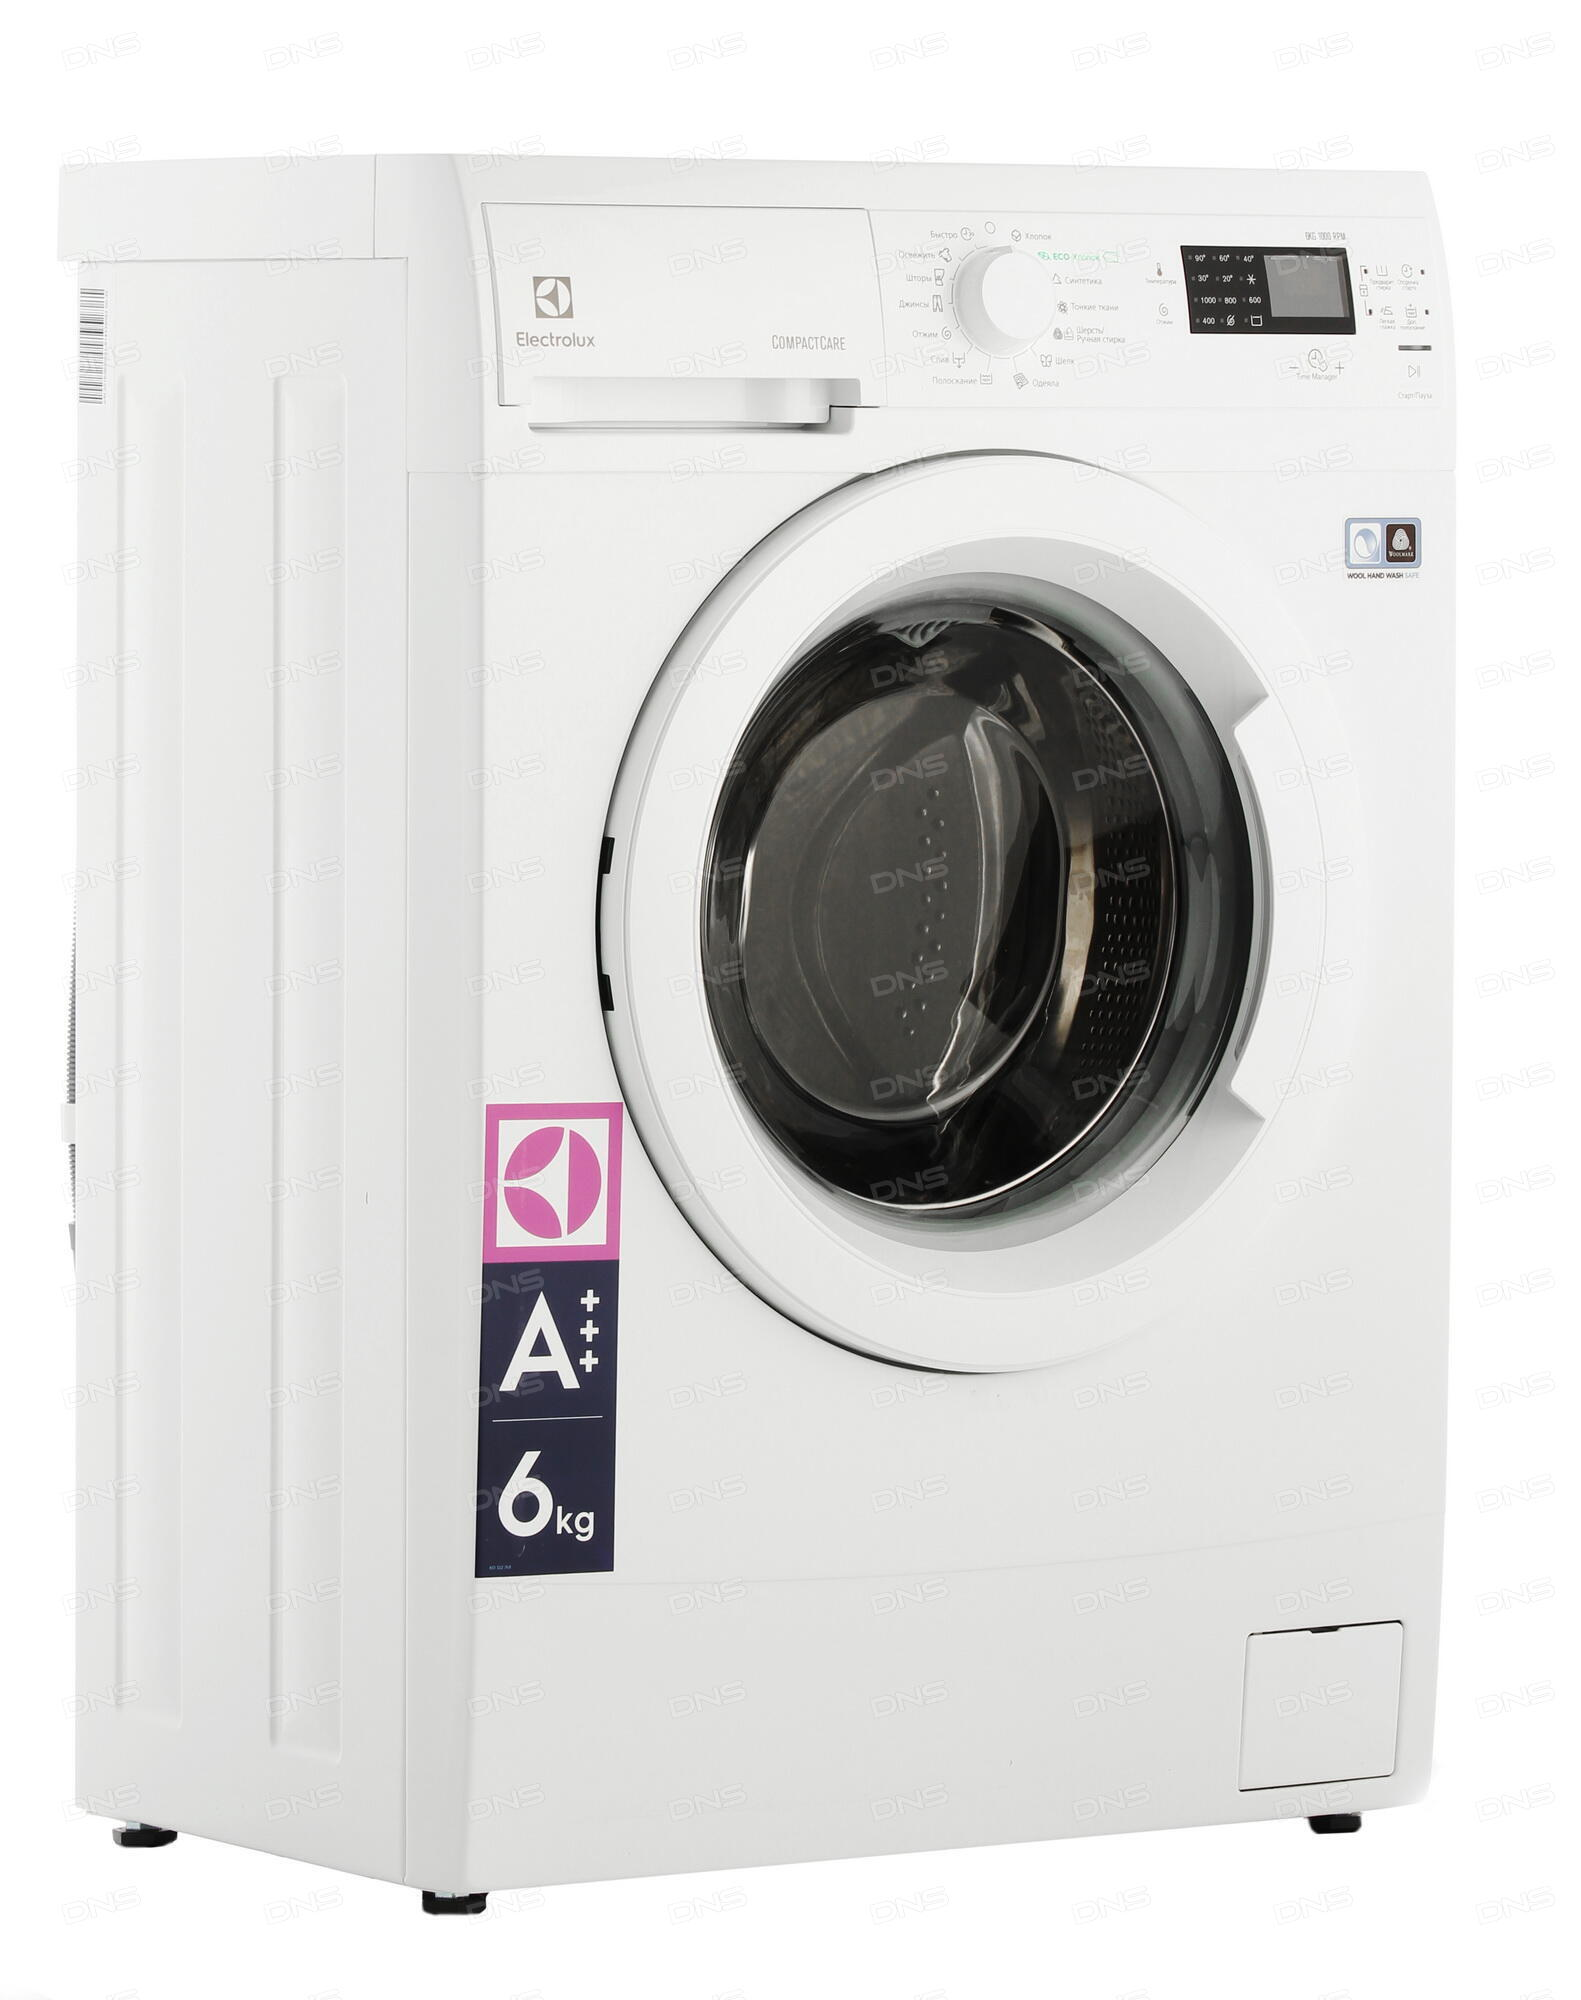 Ремонт стиральных машин электролюкс Шелепихинская набережная ремонт стиральных машин АЕГ Скорняжный переулок